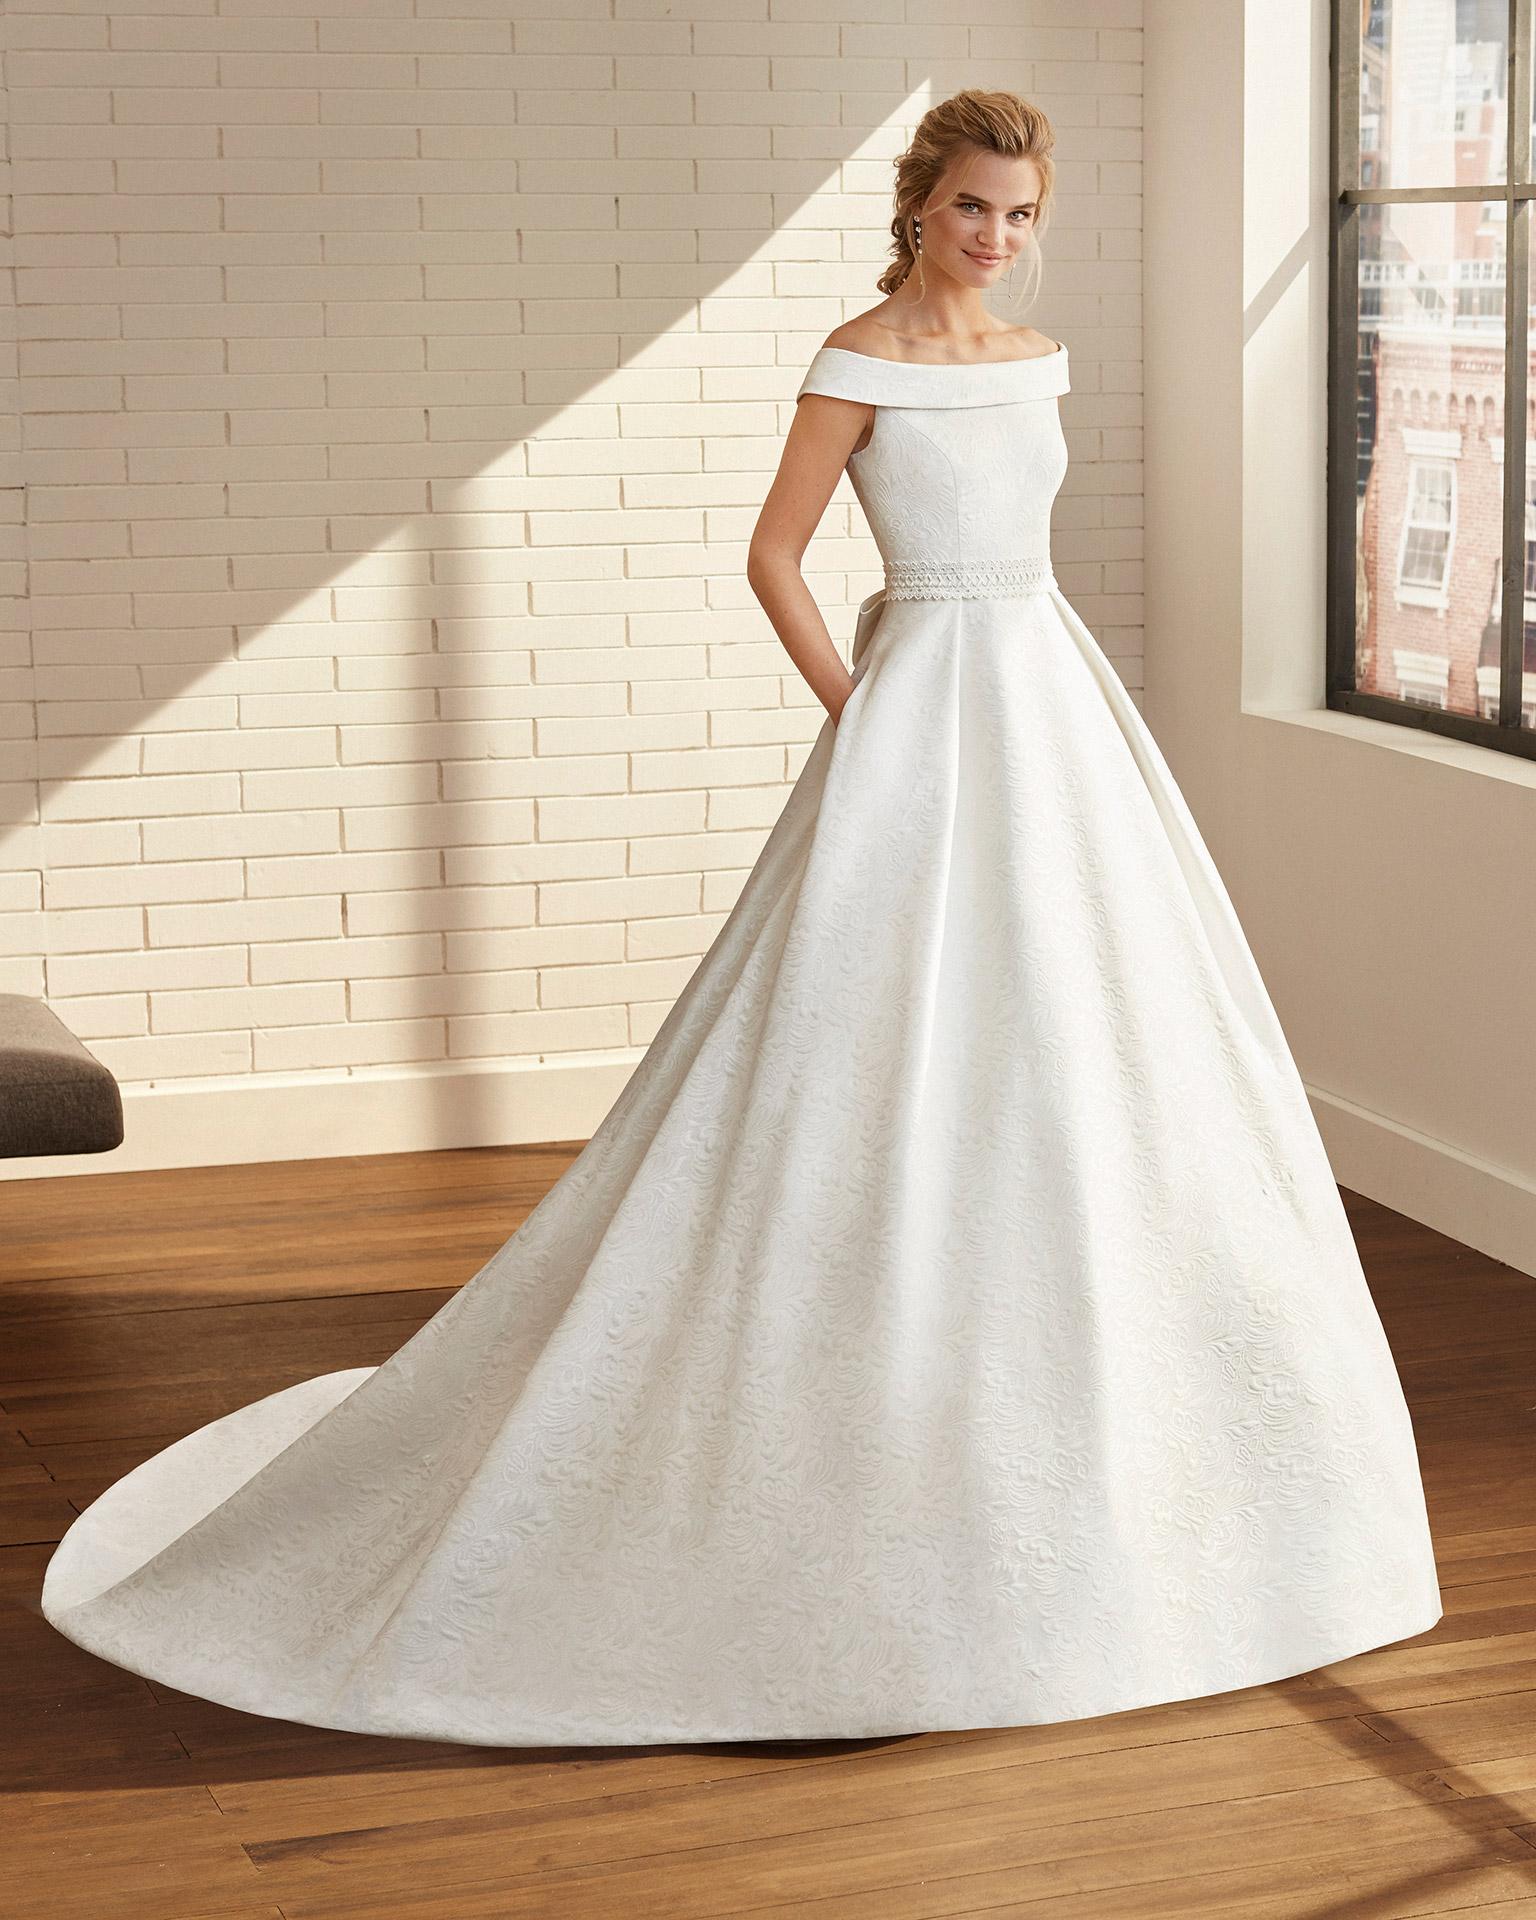 Vestido de novia estilo clásico de brocado y cinturón de encaje con escote bajo hombros. Colección  2020.